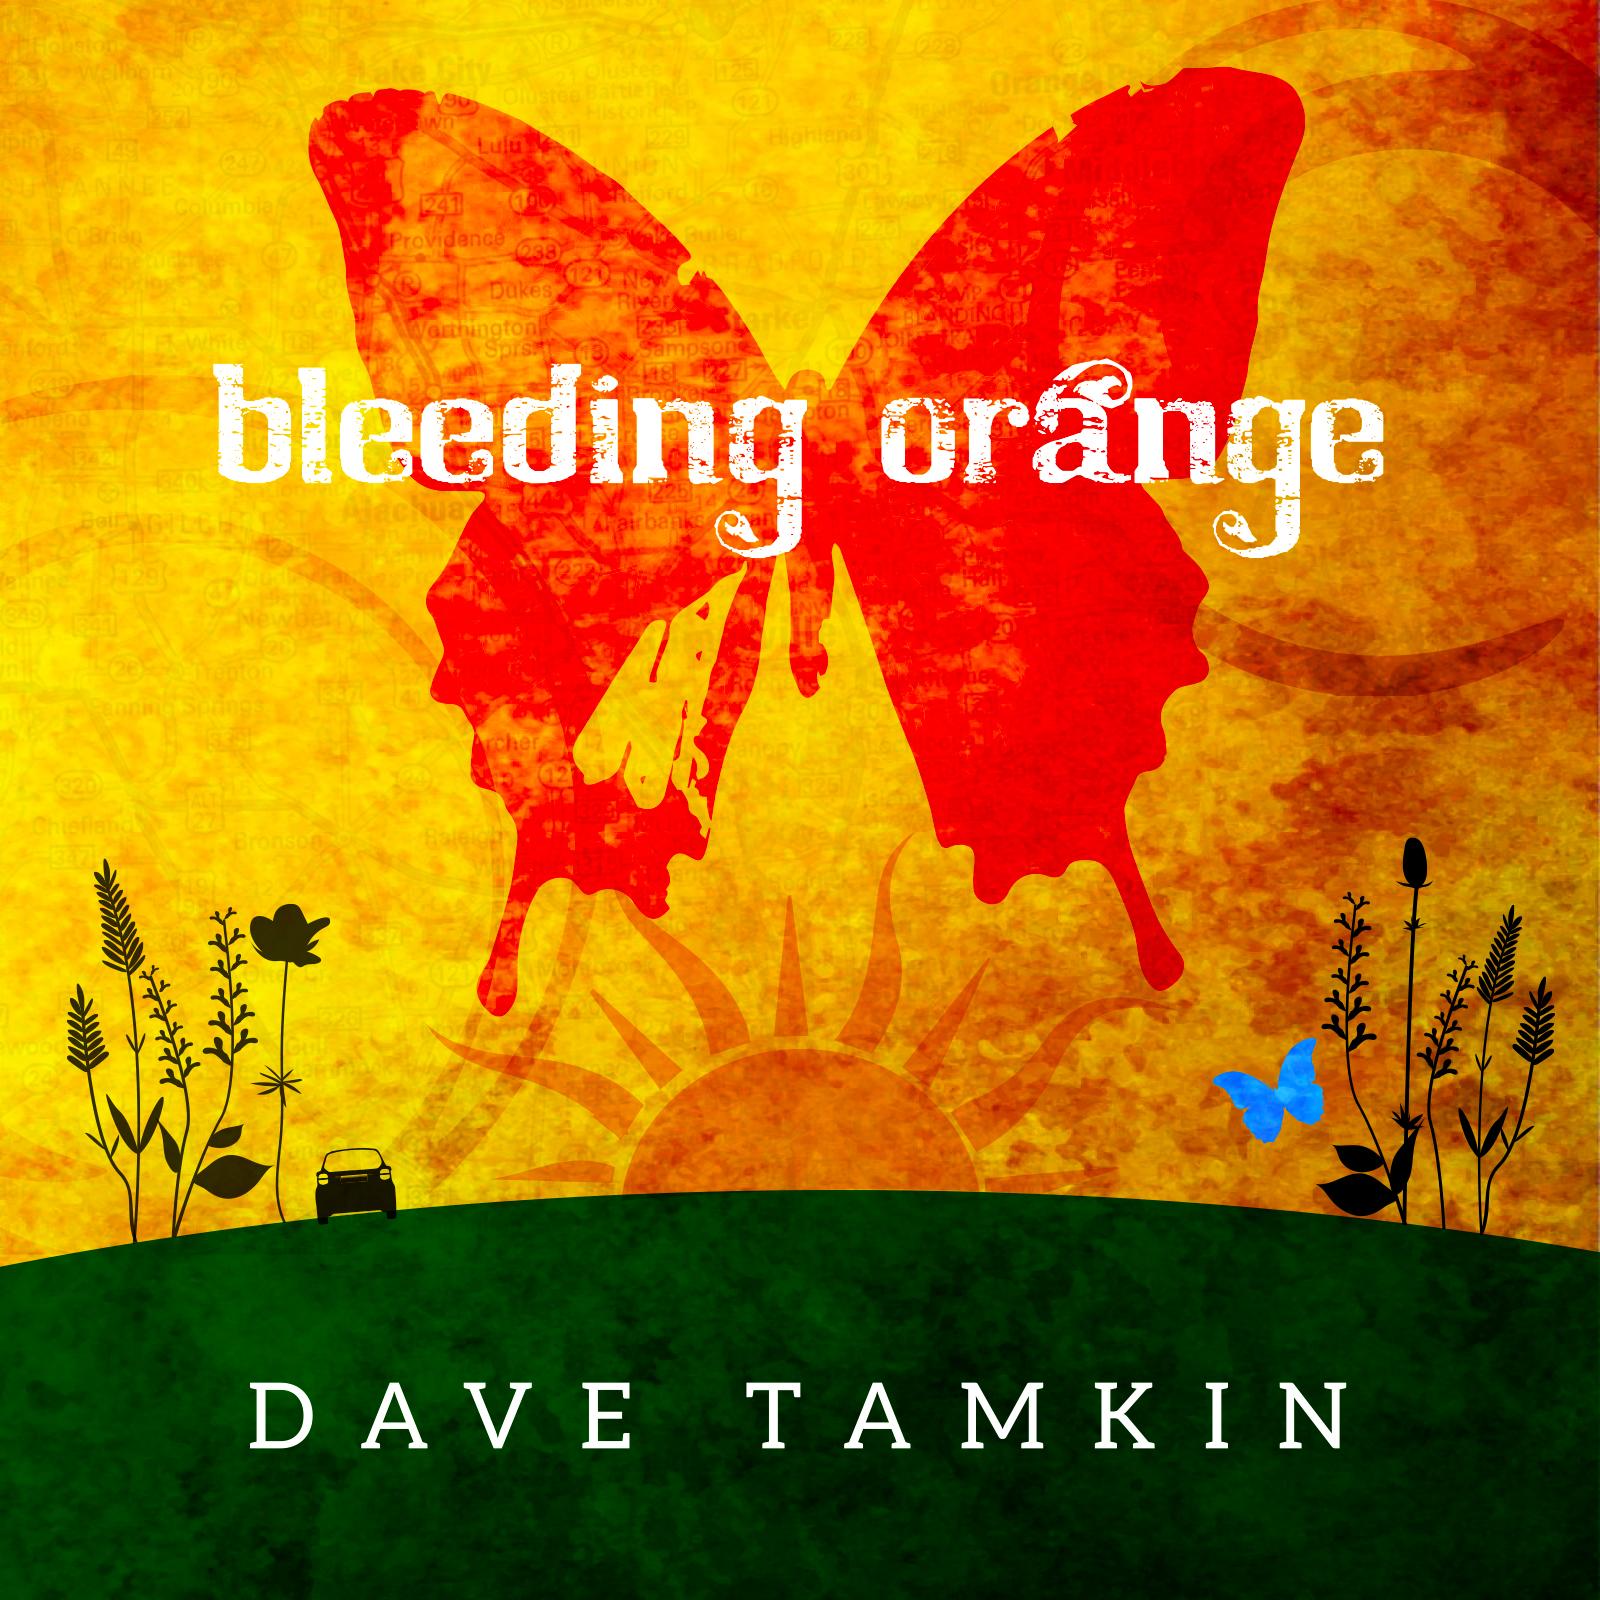 Blog — DAVE TAMKIN